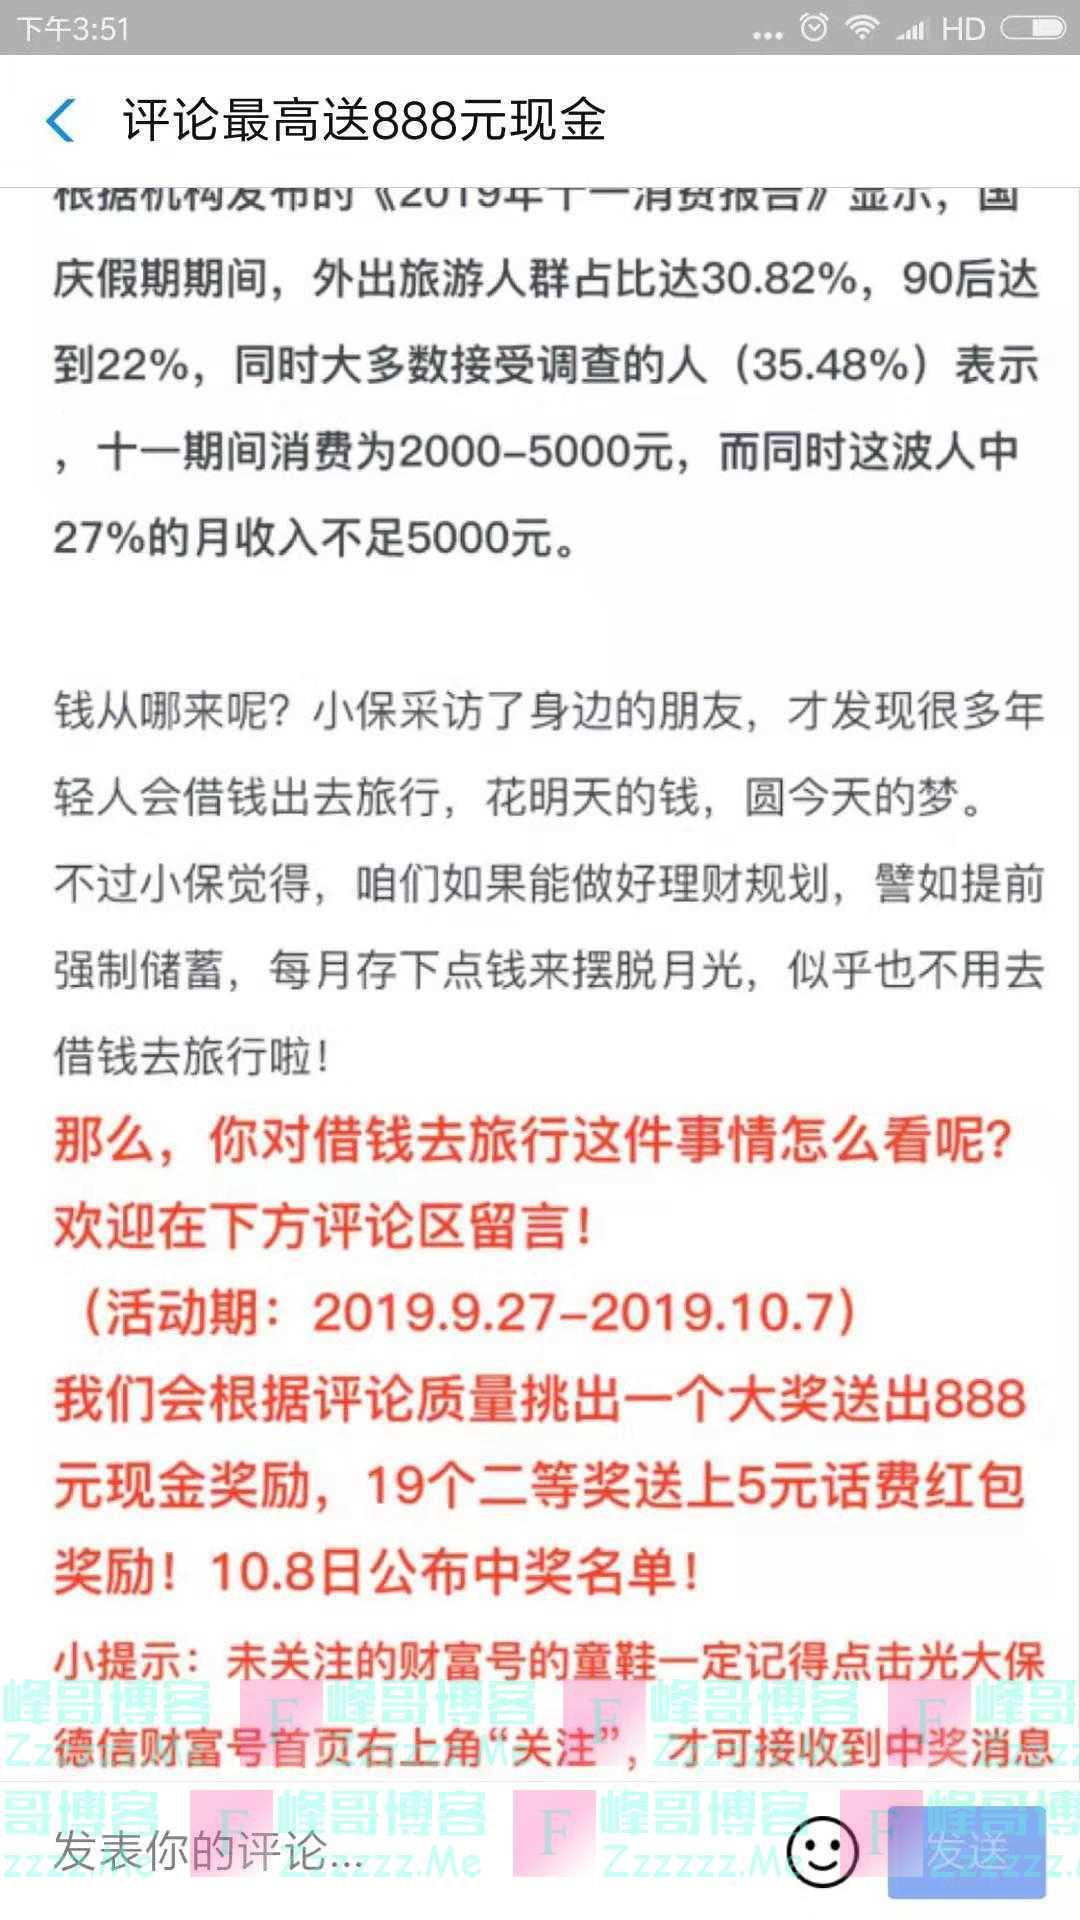 光大保德信基金留言有礼赢888大奖(截止10月7日)